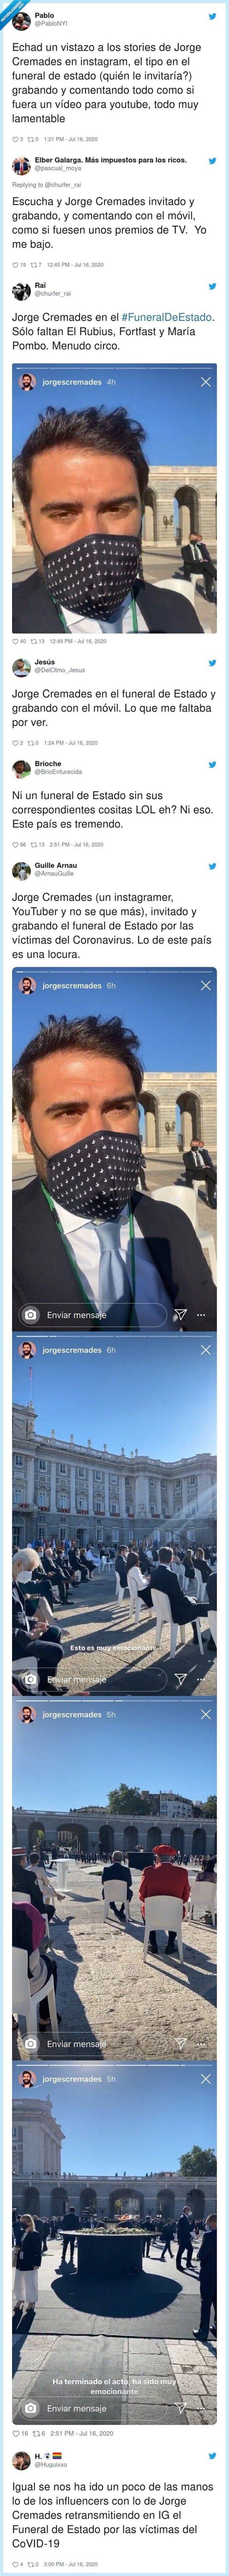 631607 - Indignación e incredulidad con Jorge Cremades: le invitan al funeral de estado por las víctimas del coronavirus y se pone a grabar stories